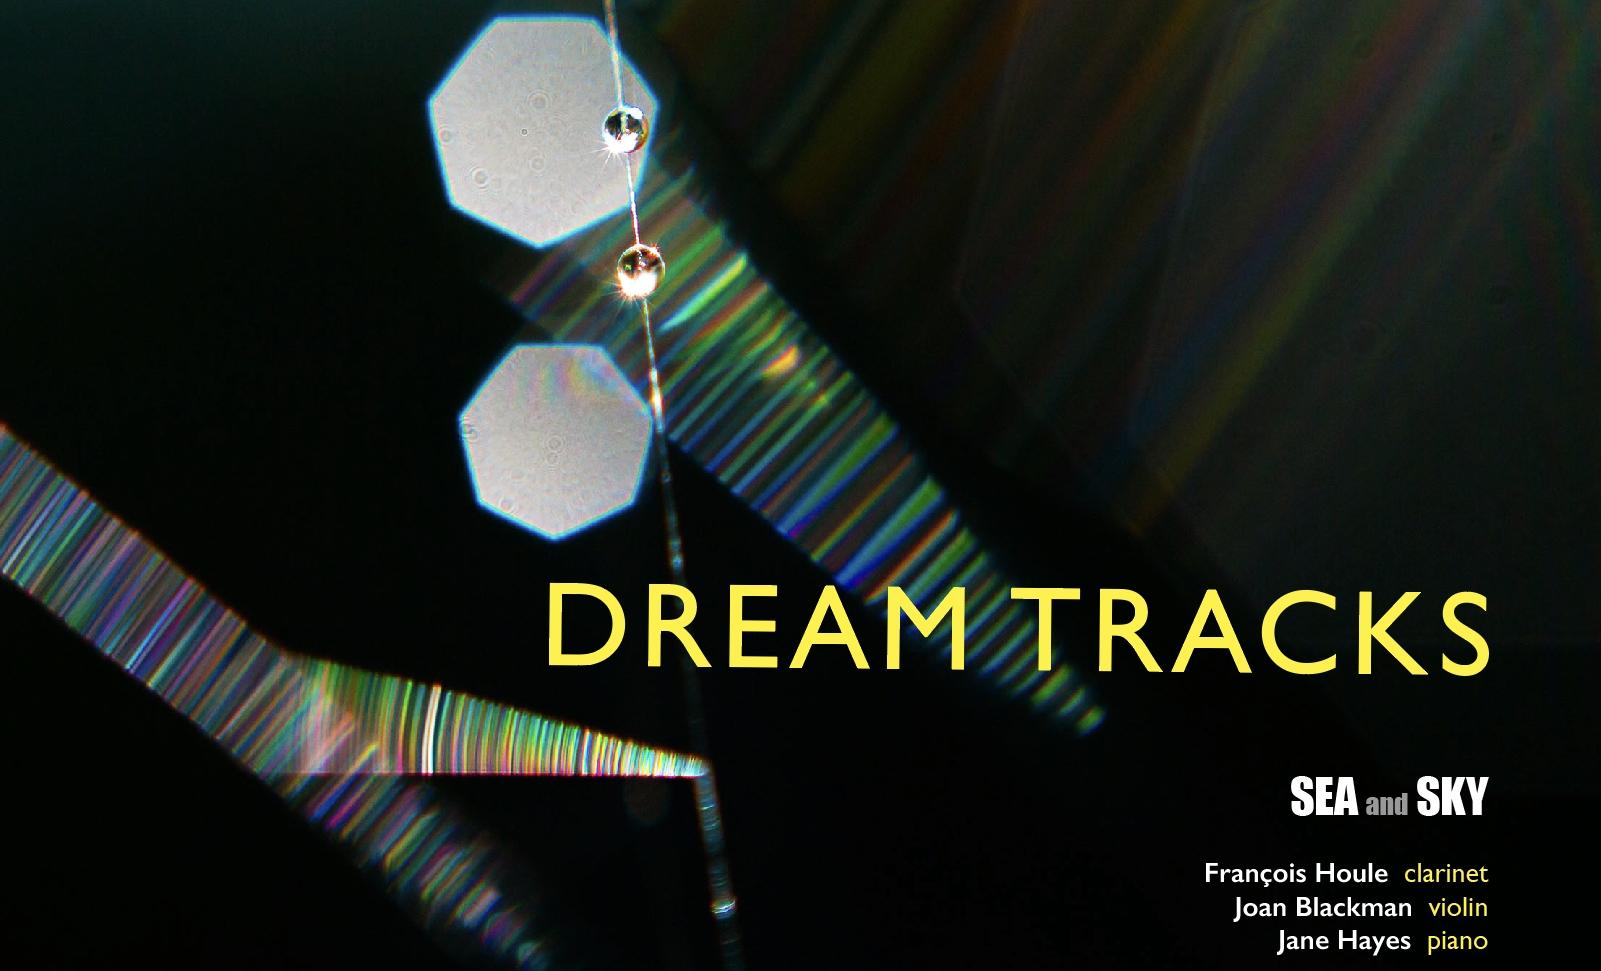 dreamtracks_front.jpg